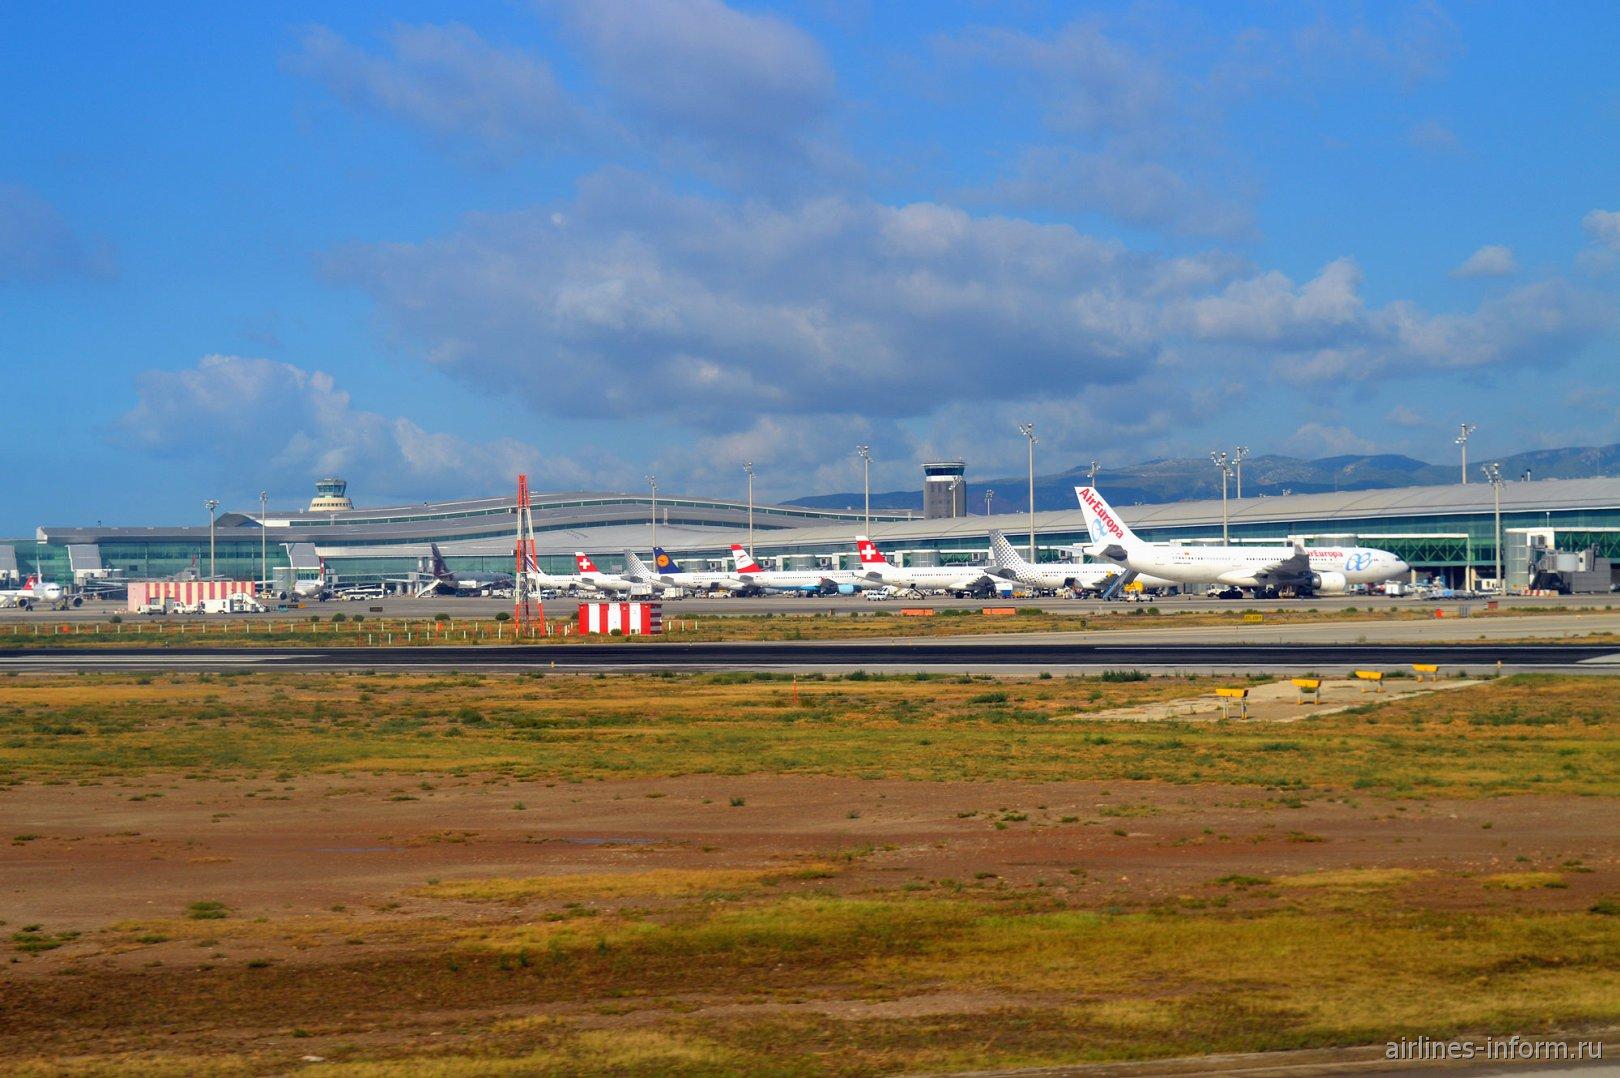 Аэропорт Эль-Прат в Барселоне